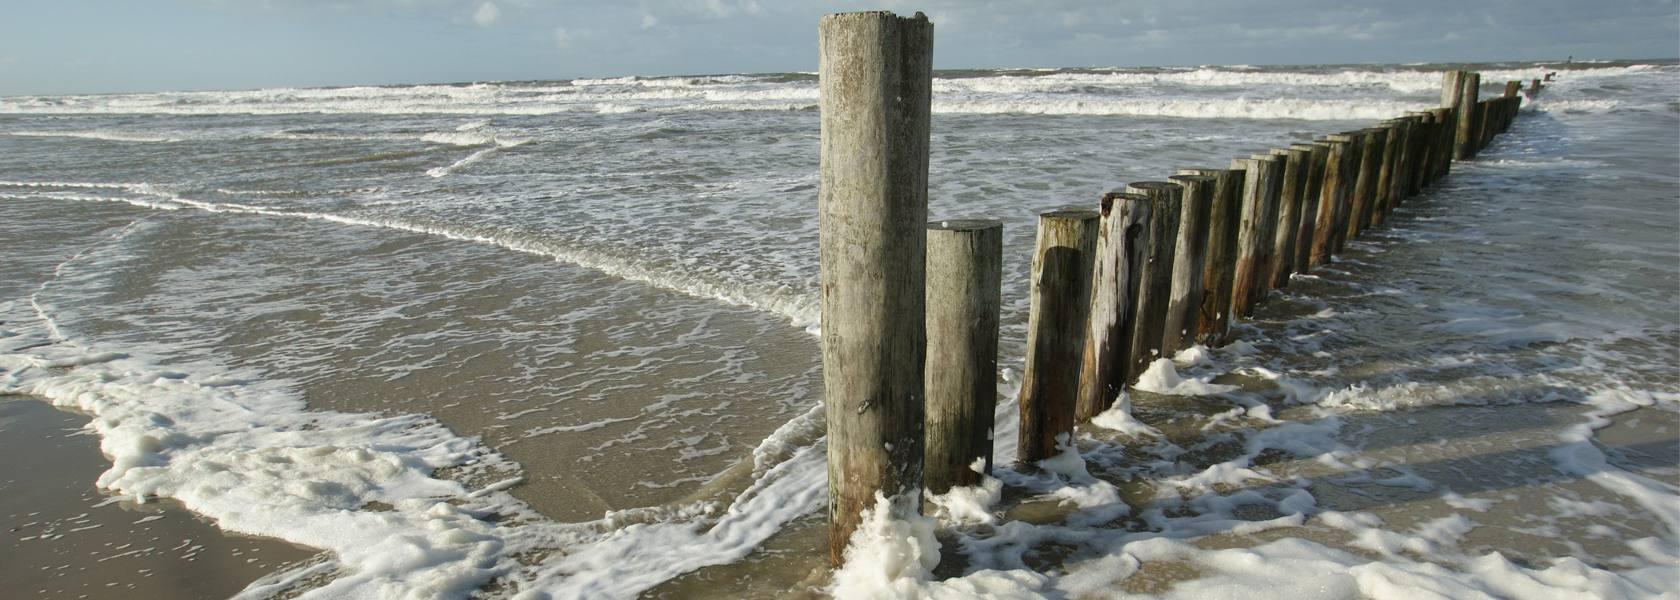 Strand auf Norderney, © Dirk Topel